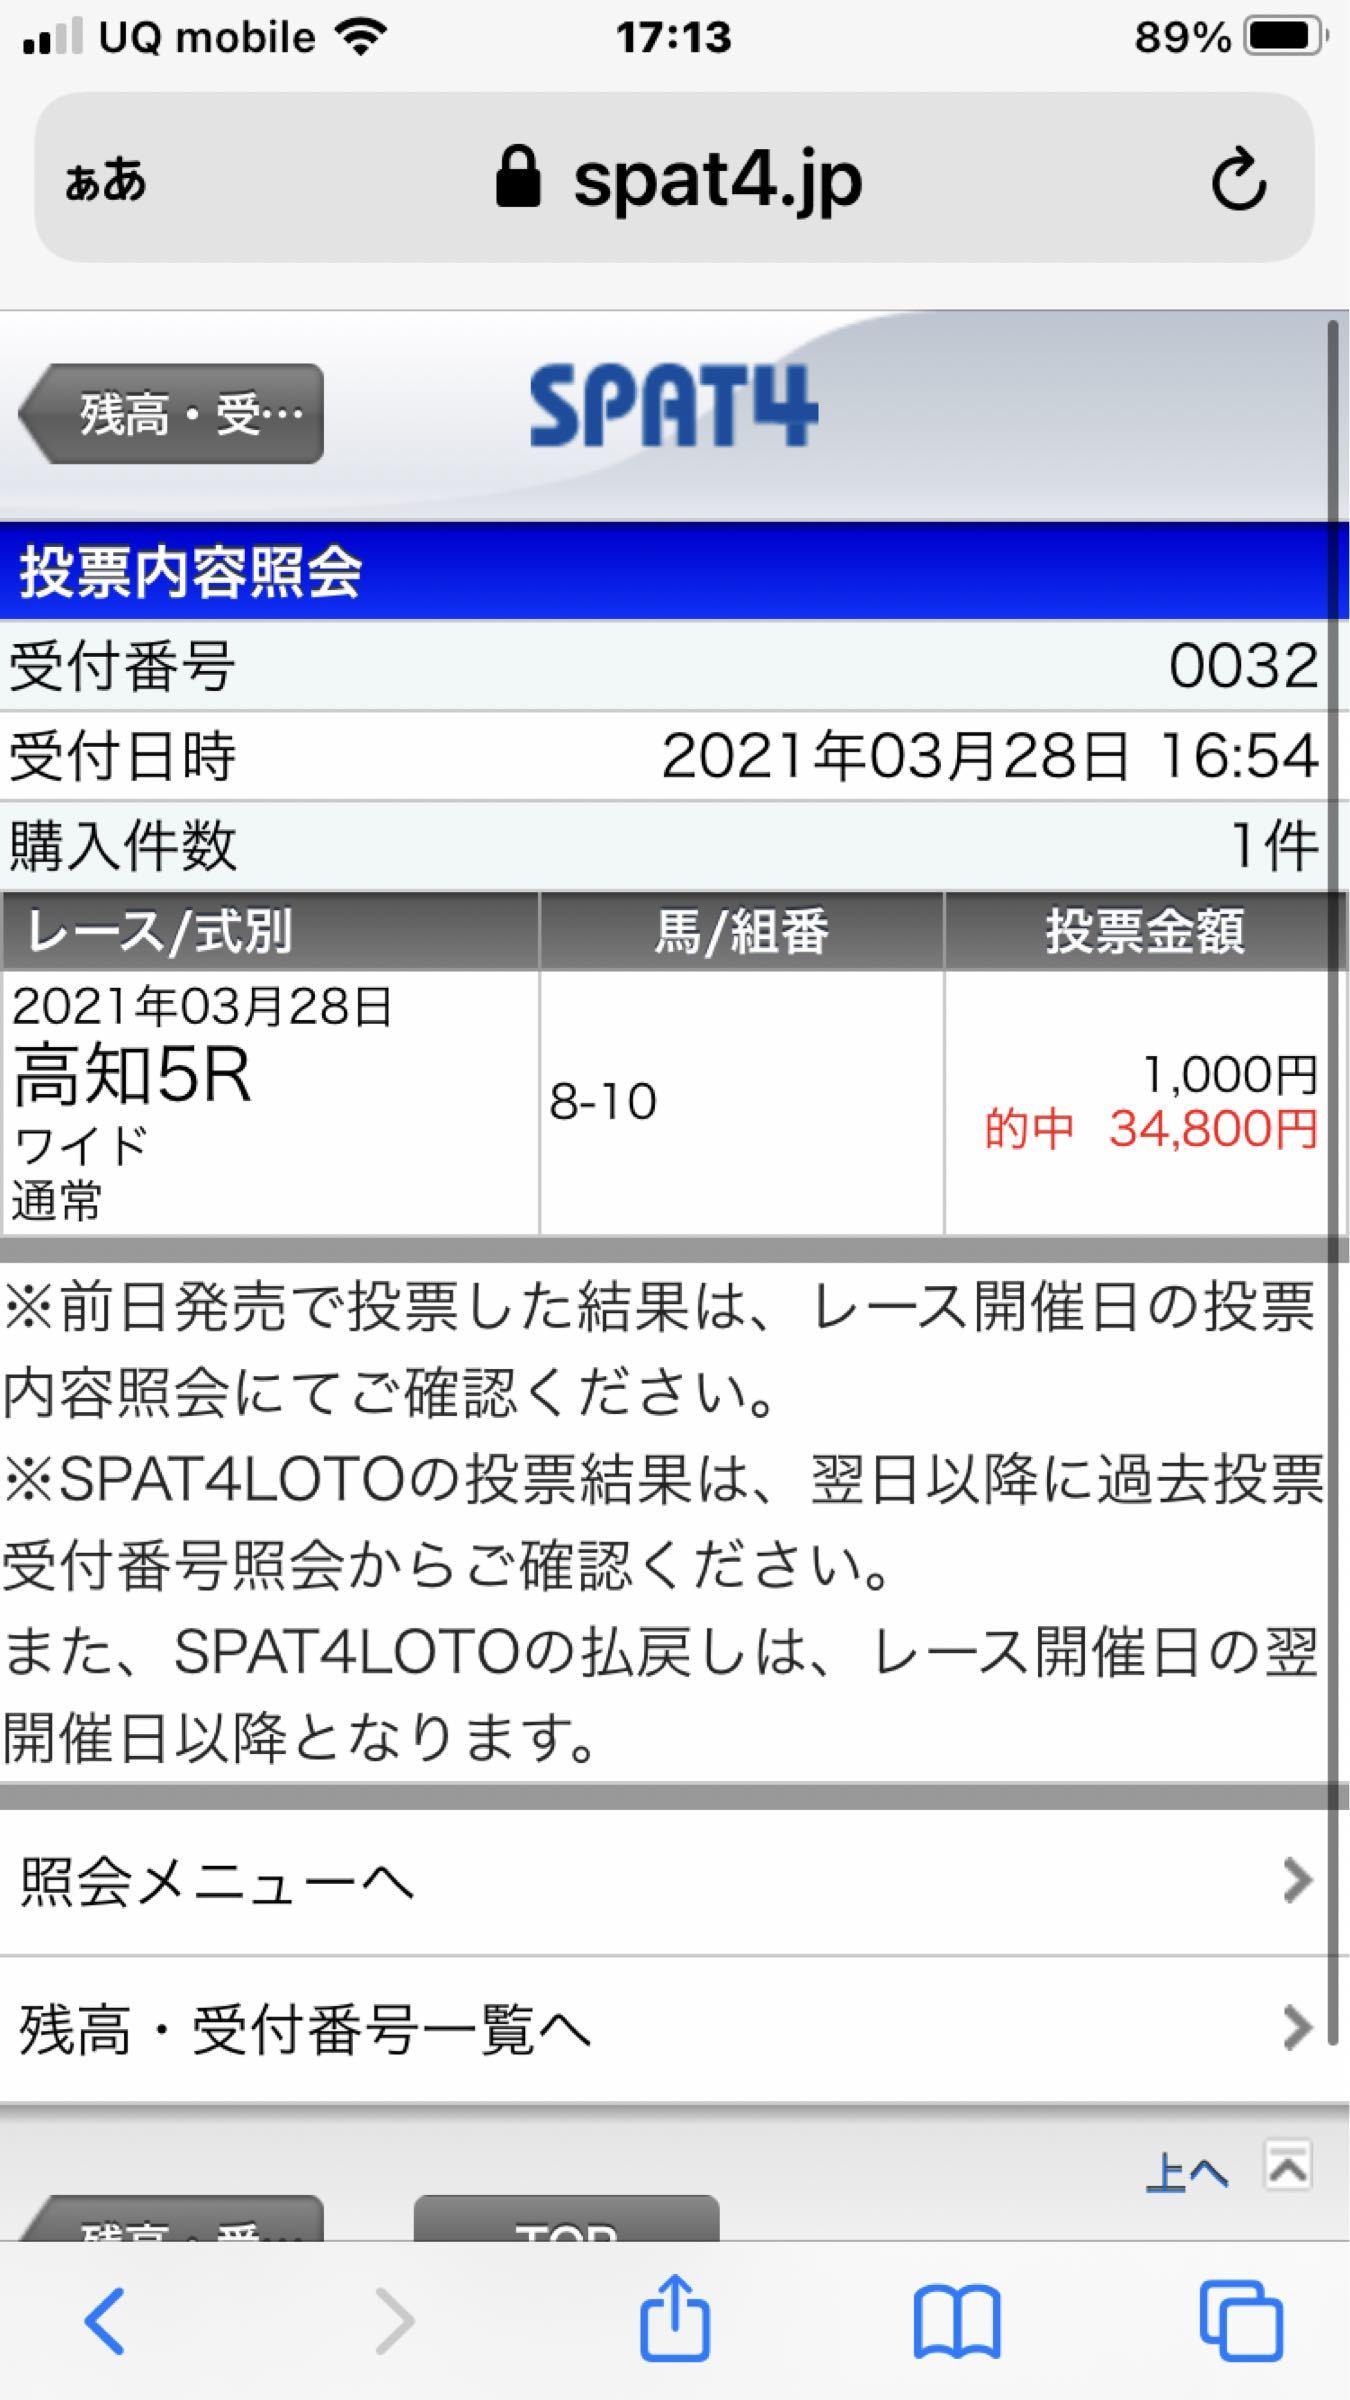 競馬株式放浪記 ふぅ〜🤗プラスになりますた💪